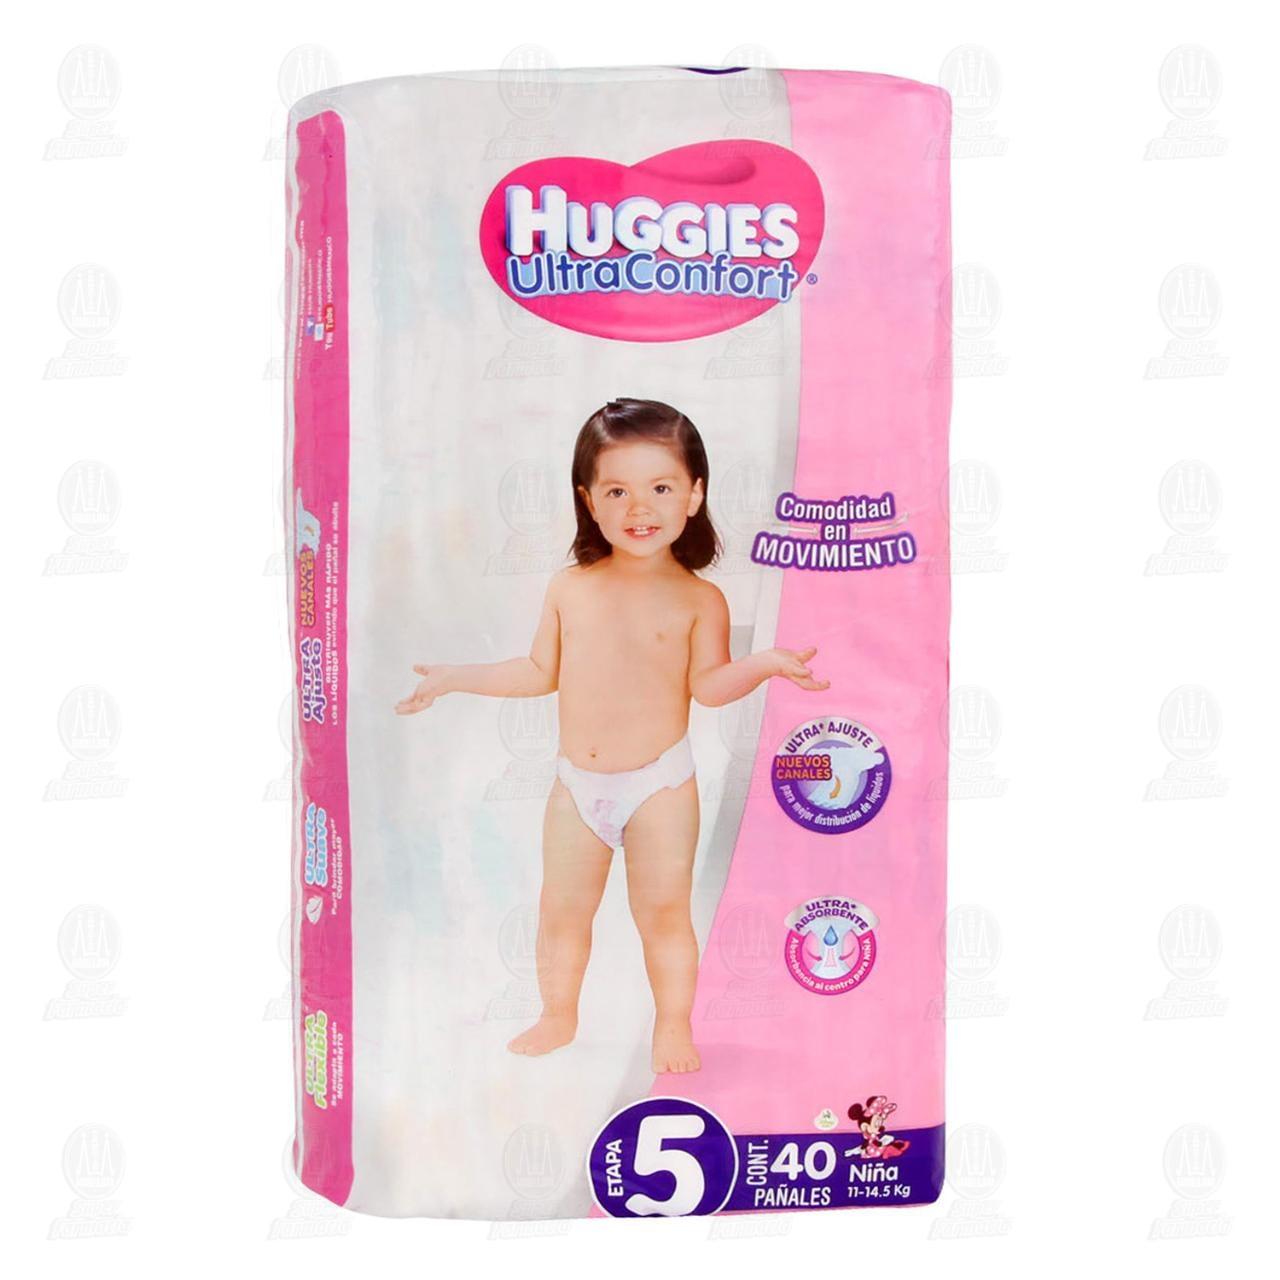 Pañales Huggies UltraConfort para Niña Etapa 5, 40 pzas.